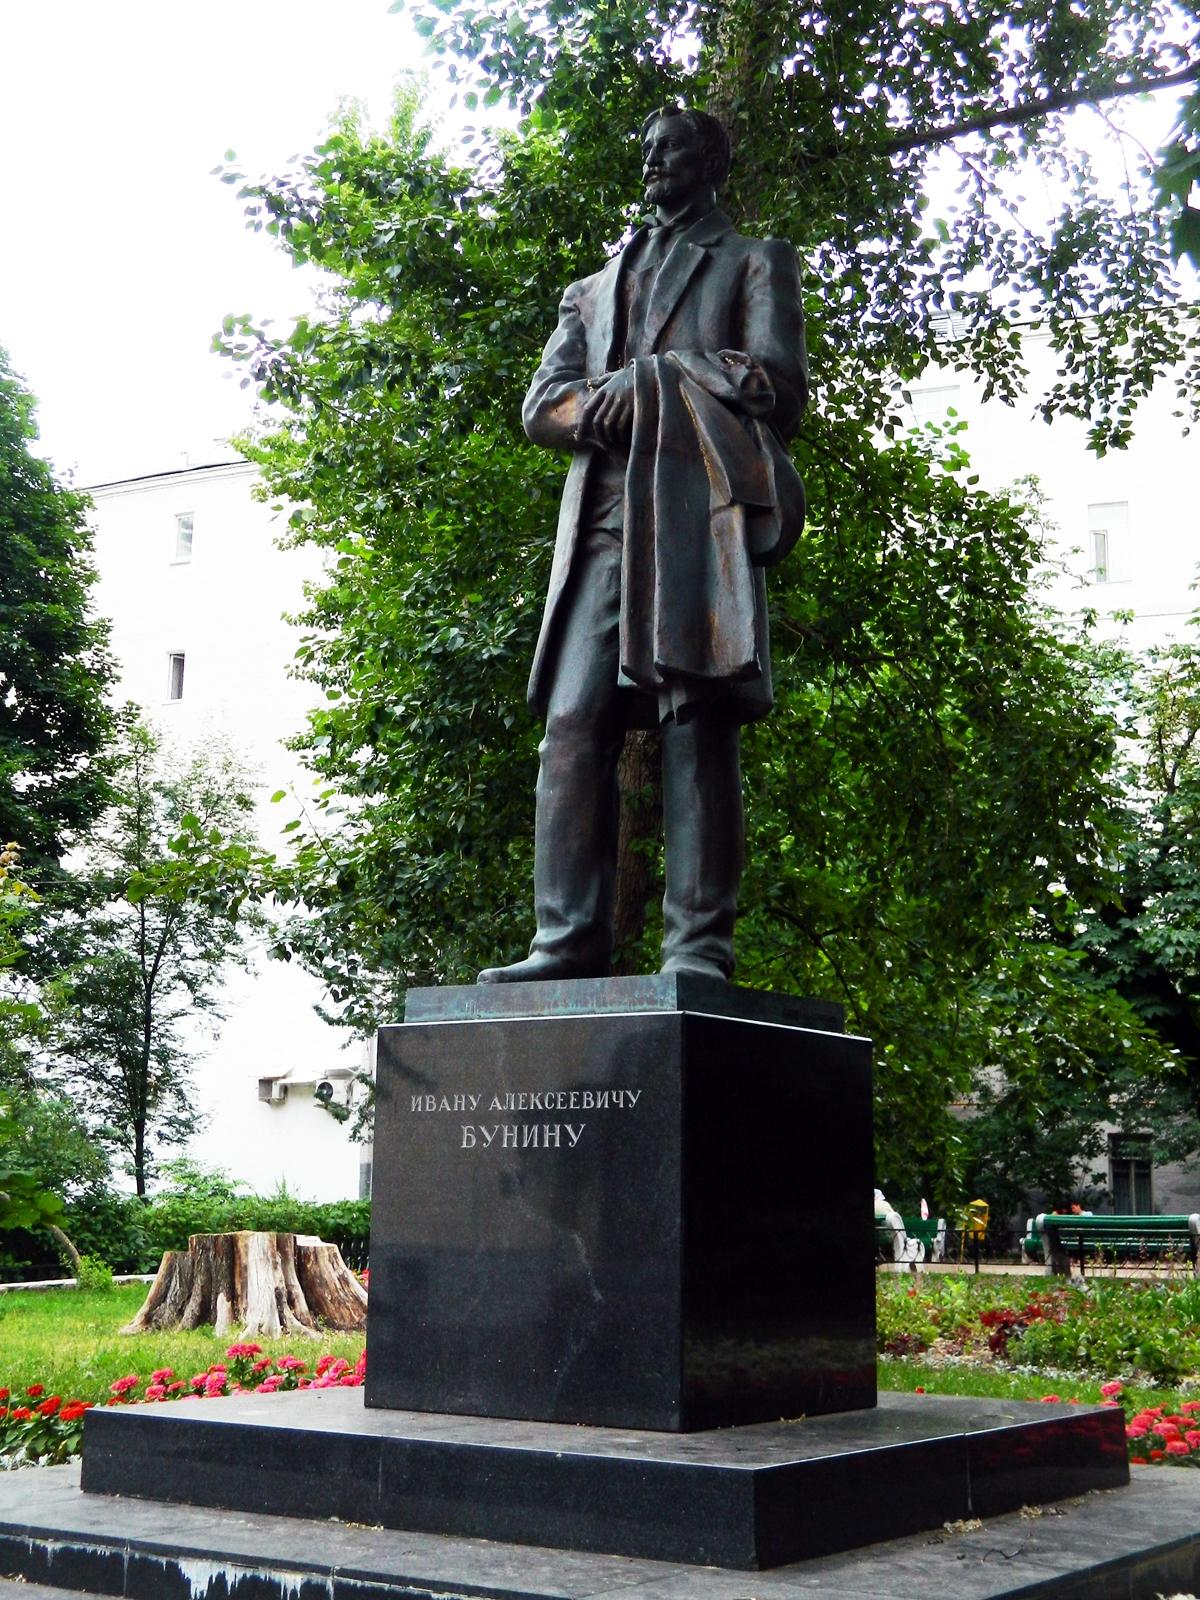 Цена на памятники в москве а я в недорогие памятники фото екатеринбурга